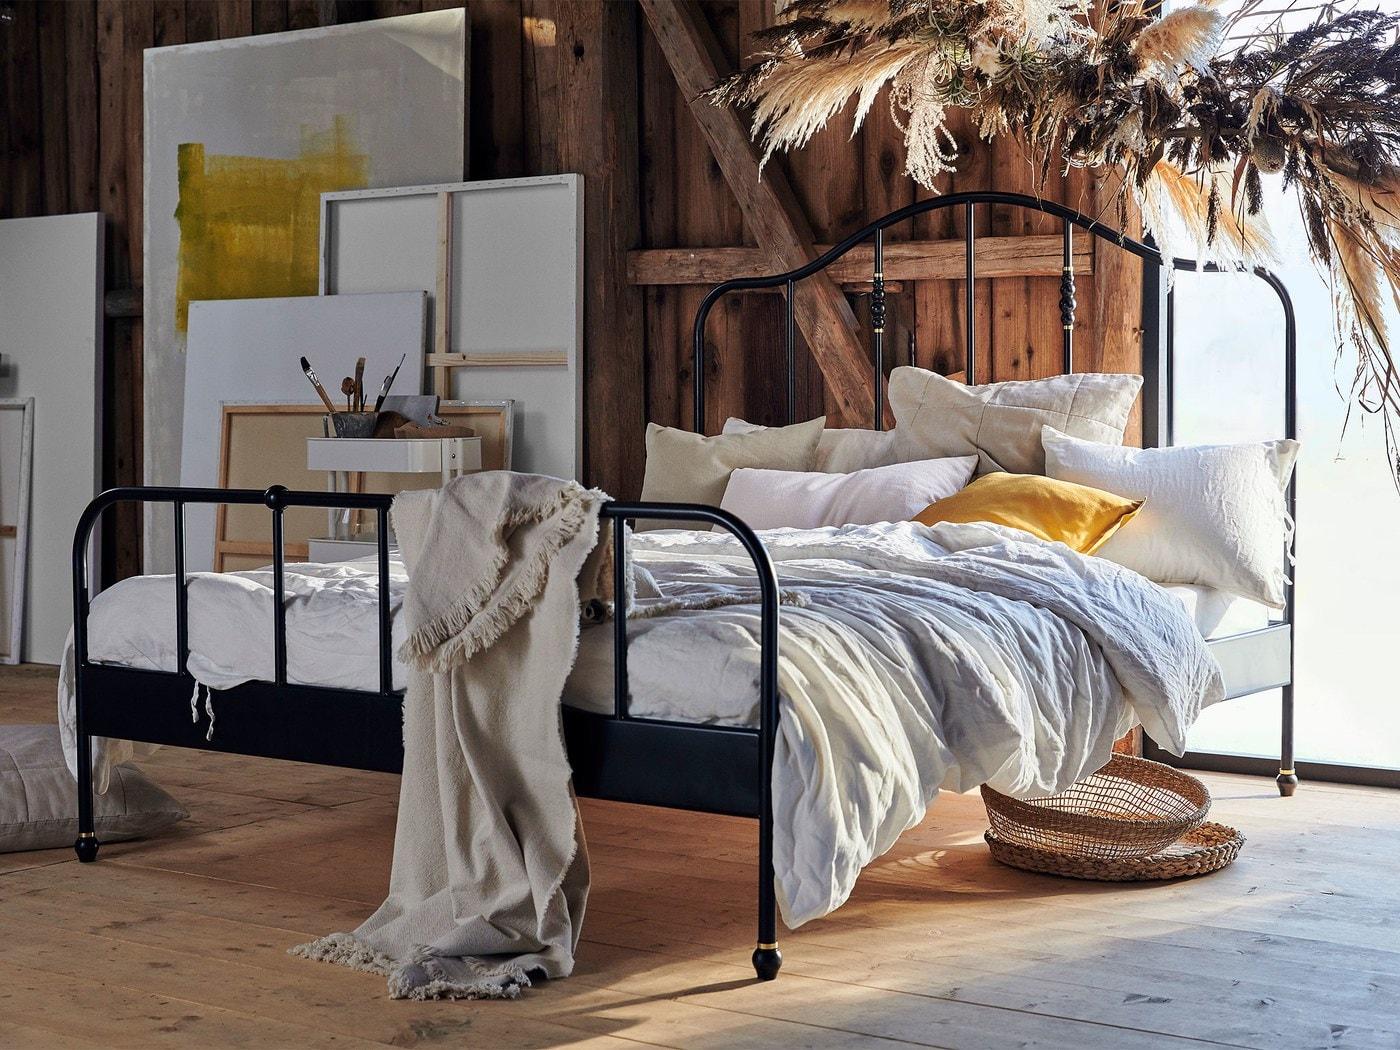 مساحة علوية ريفية مع هيكل سرير SAGSTUA أسود مقوّس ومغطى ببياضات سرير محايدة وقماش مسنود على الحائط.